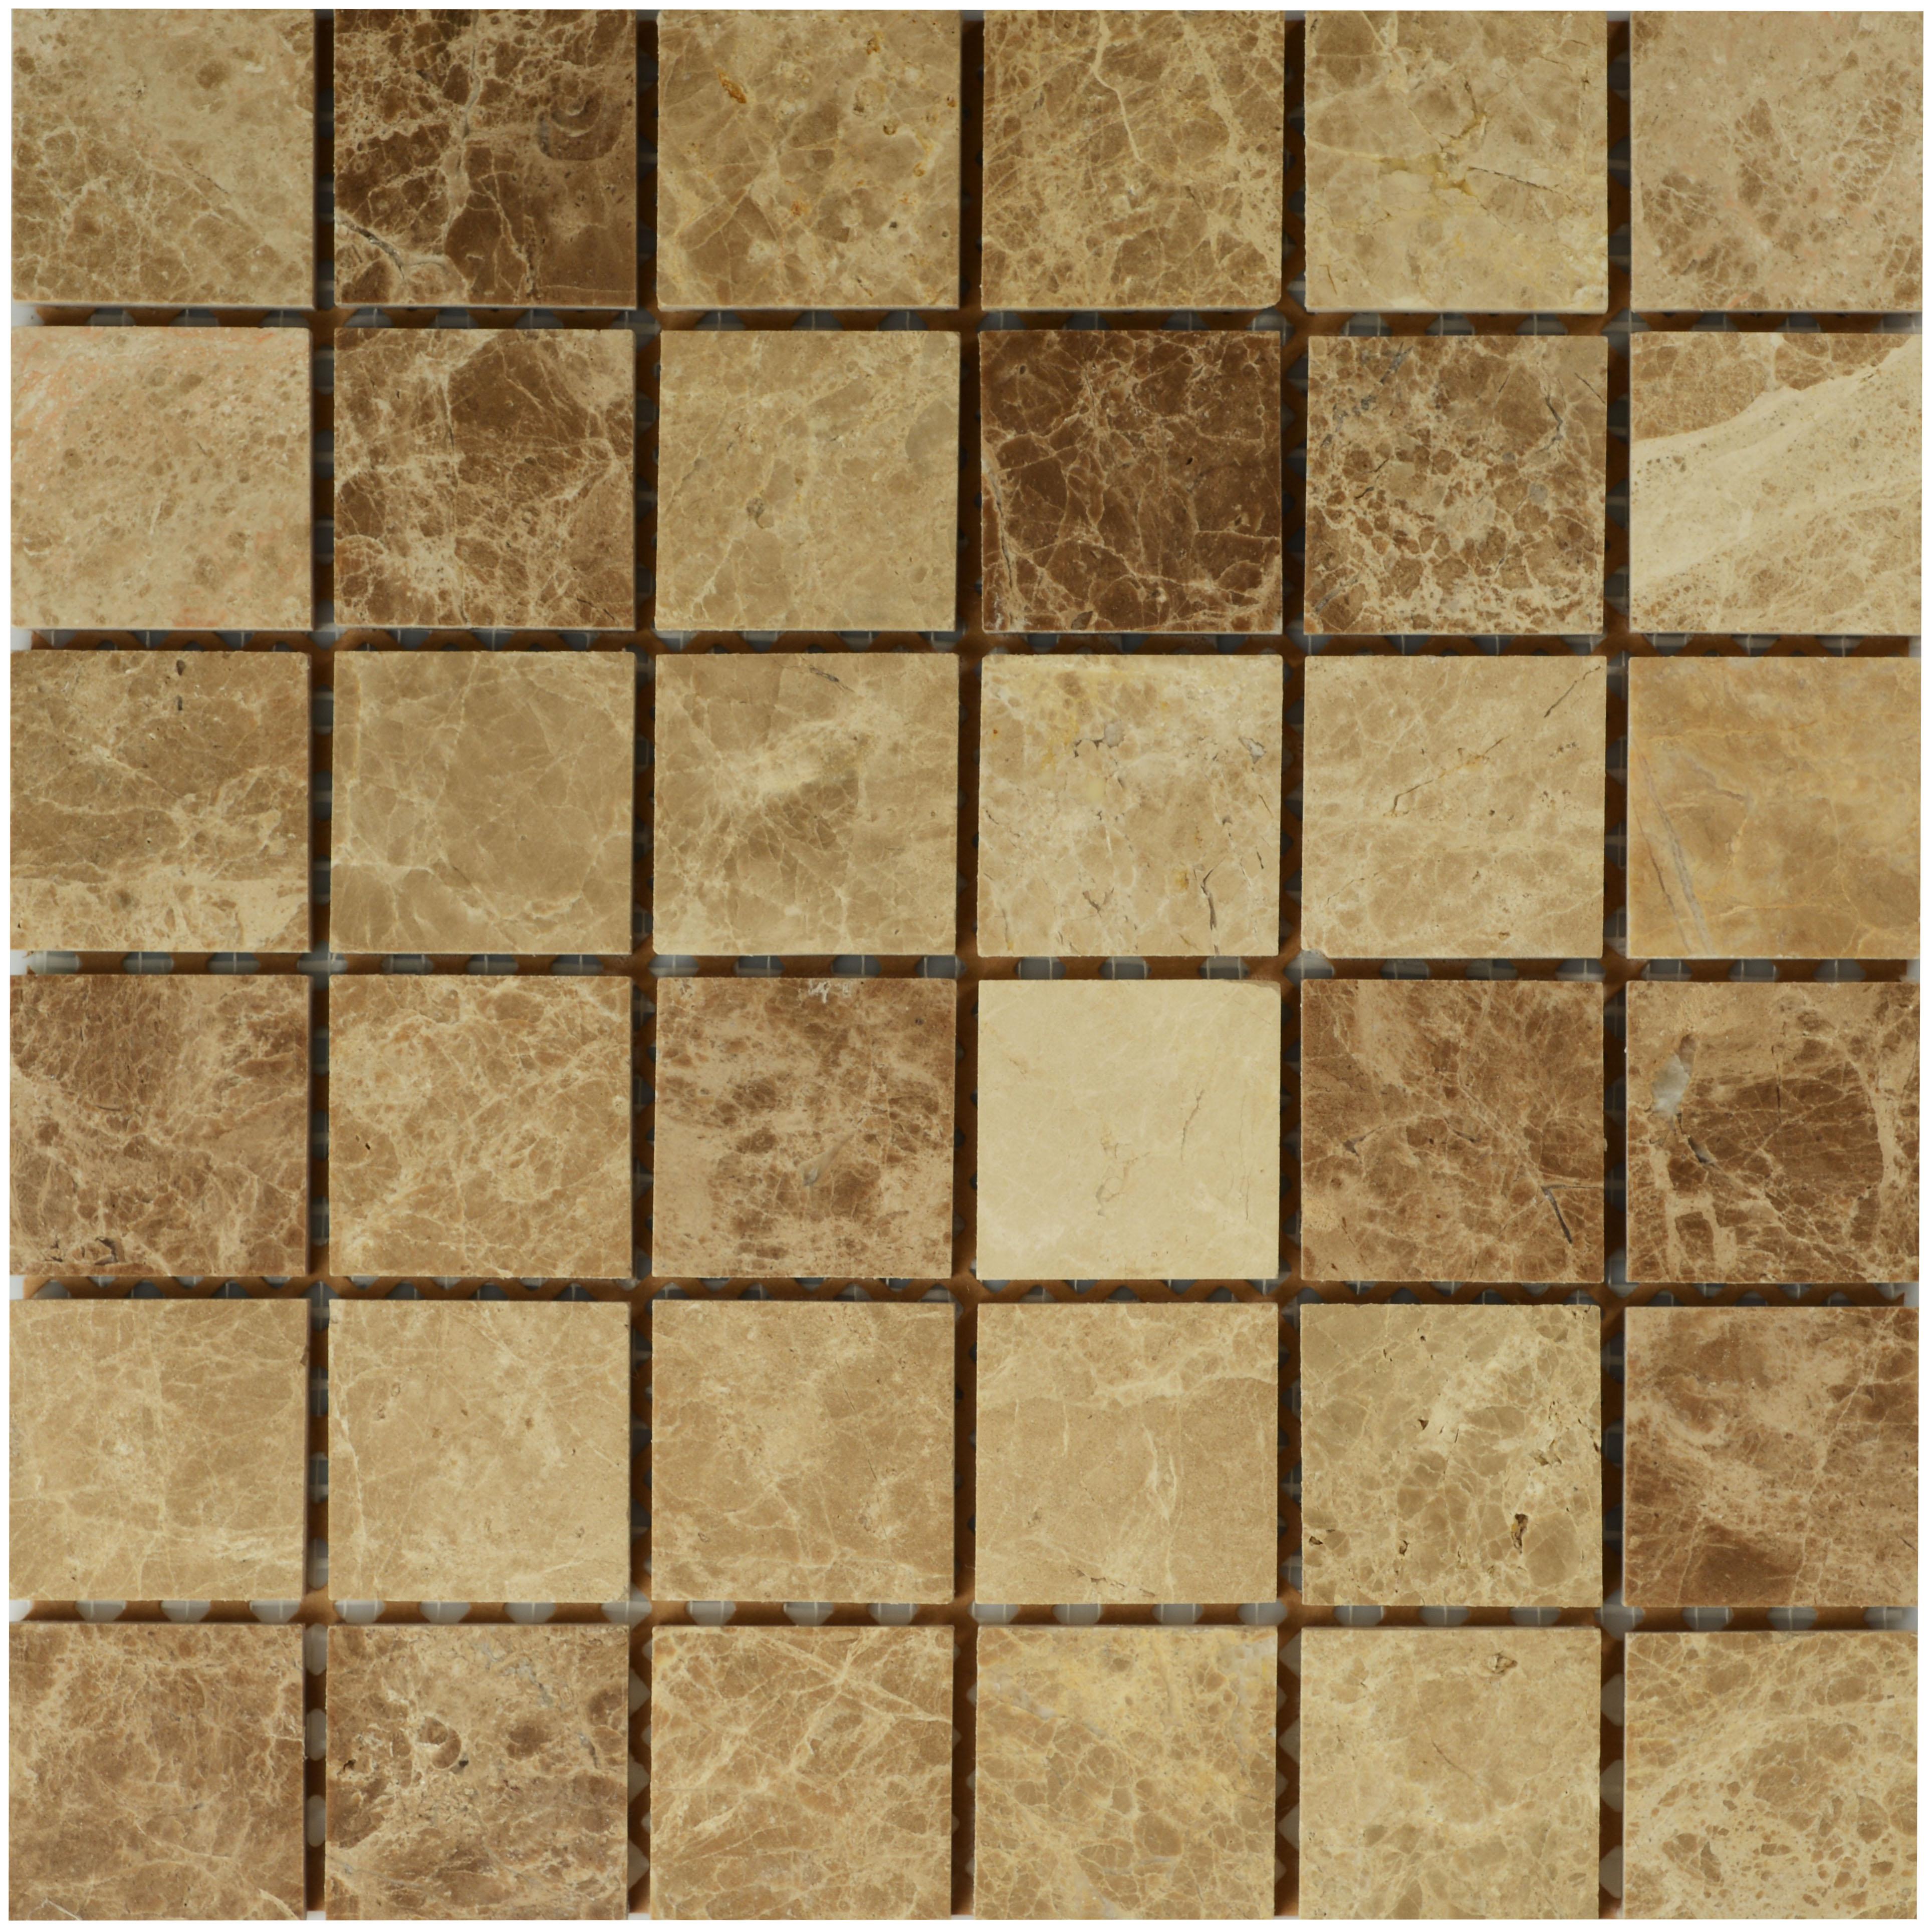 Мозаика MN172SLC Primacolore 48х48/300х300 - 0.99 мозаика primacolore marmo mn174slc 4 8x4 8 30x30